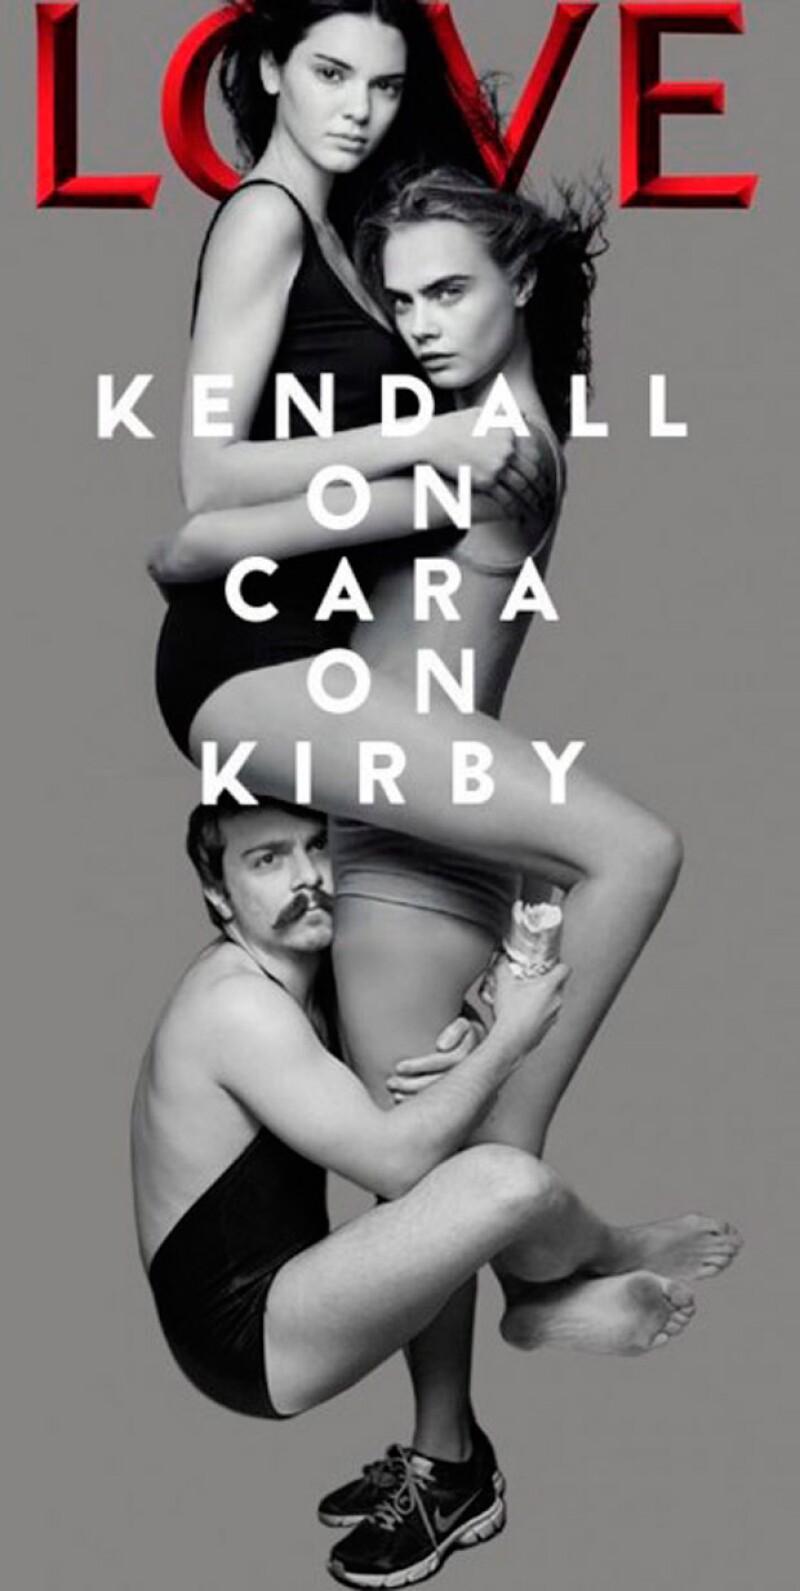 Sin duda una de las fotos más graciosas.